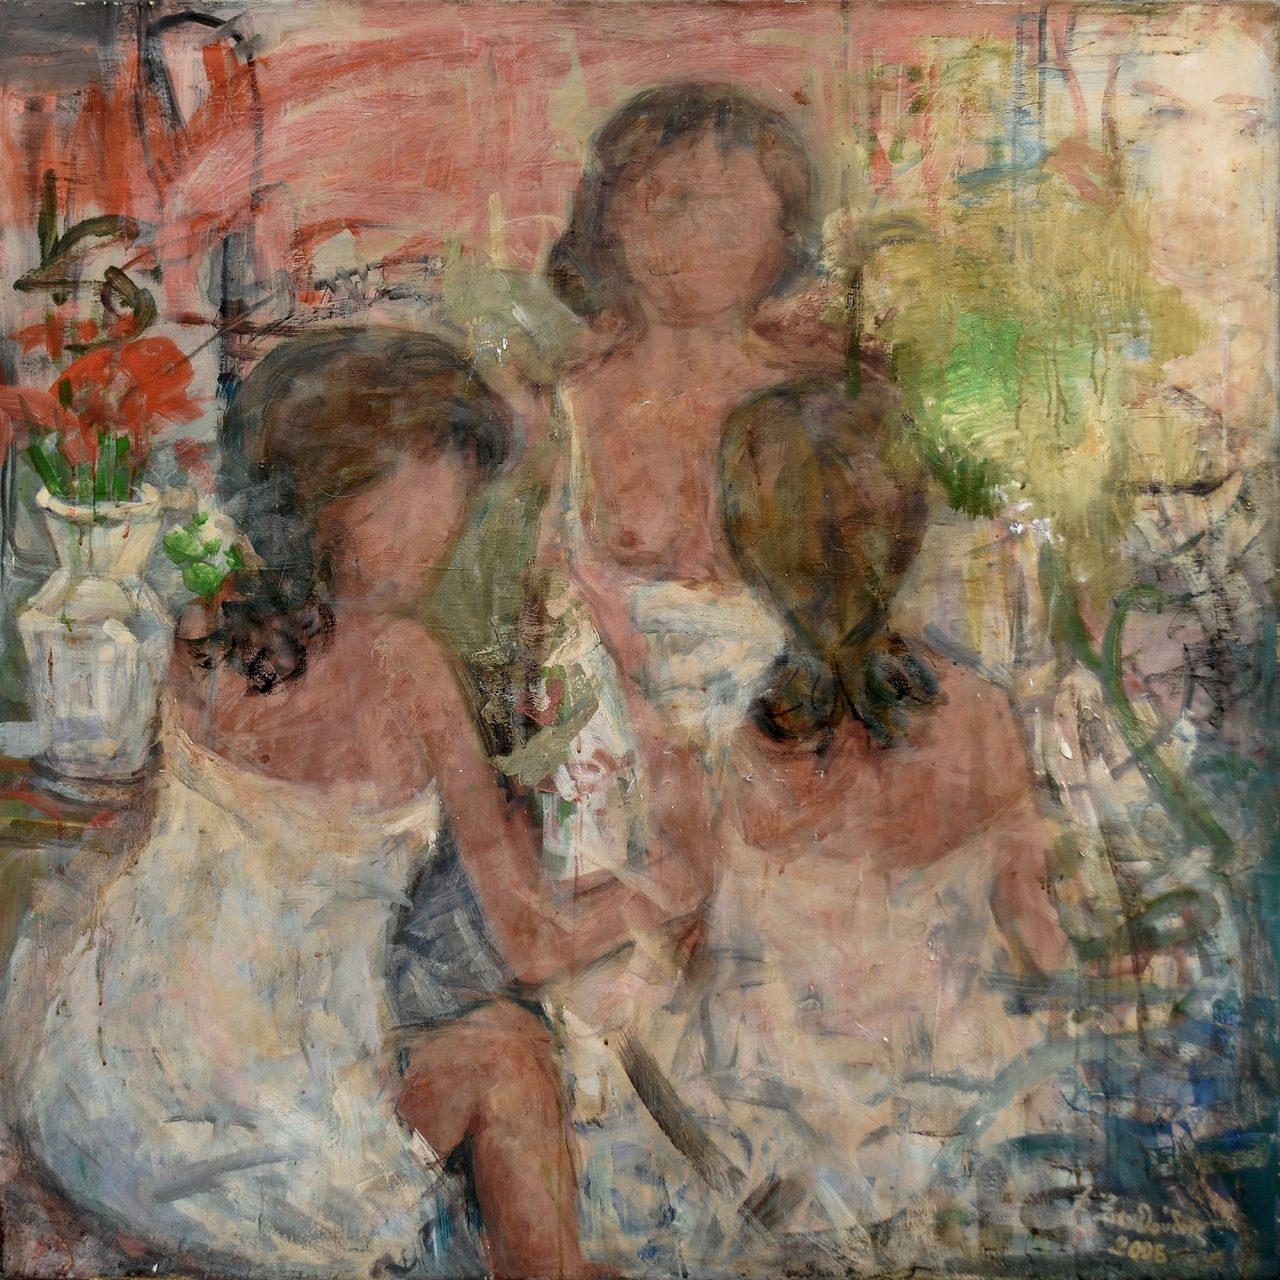 093. ΞΑΝΘΟΥΔΗΣ Δημήτριος (1917-2010)